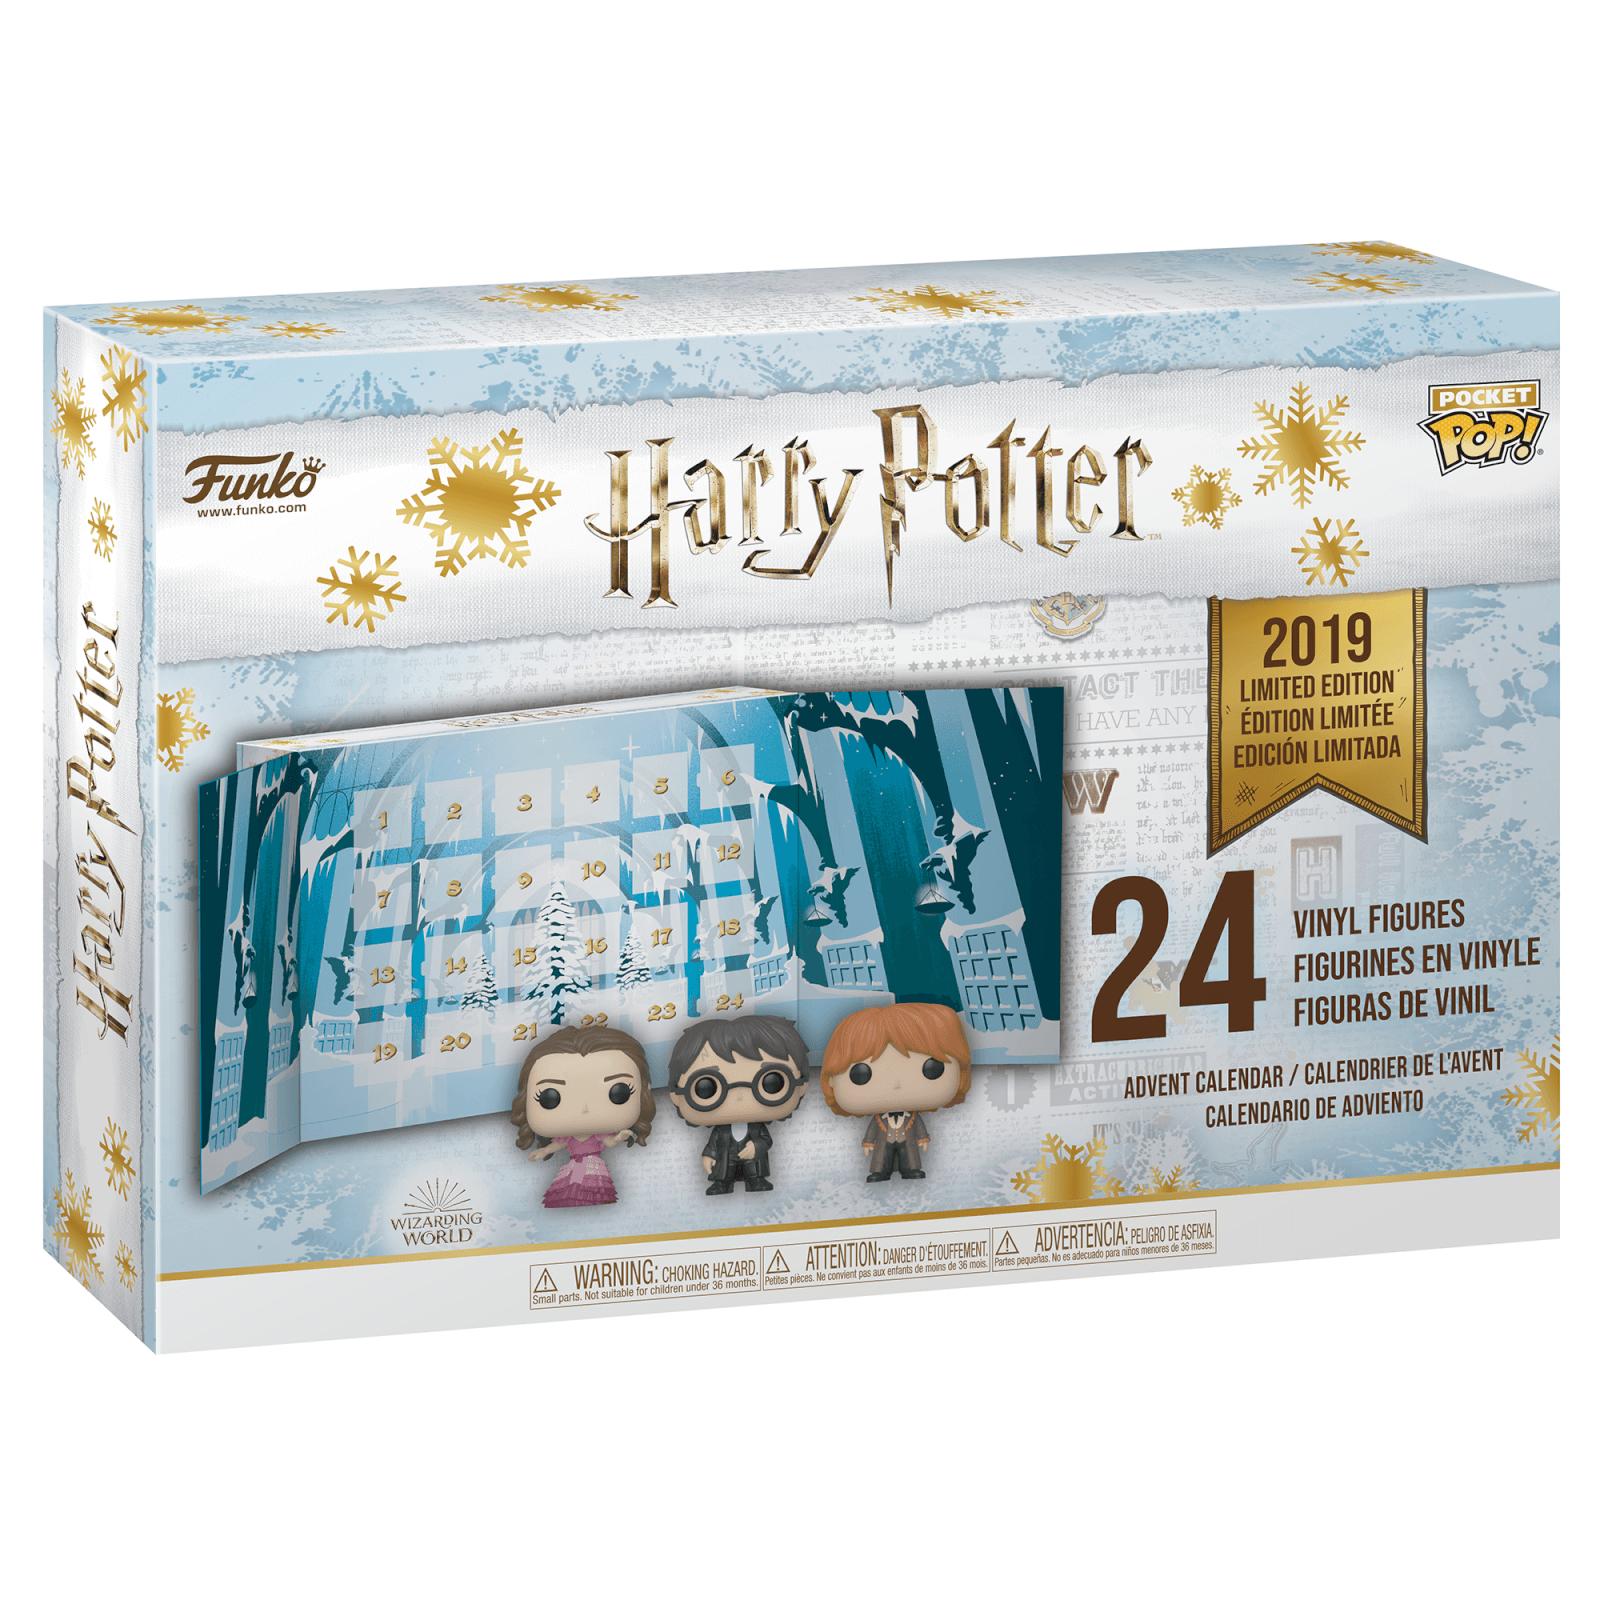 Calendrier De L'Avent Funko Pocket Pop! Harry Potter - 2019